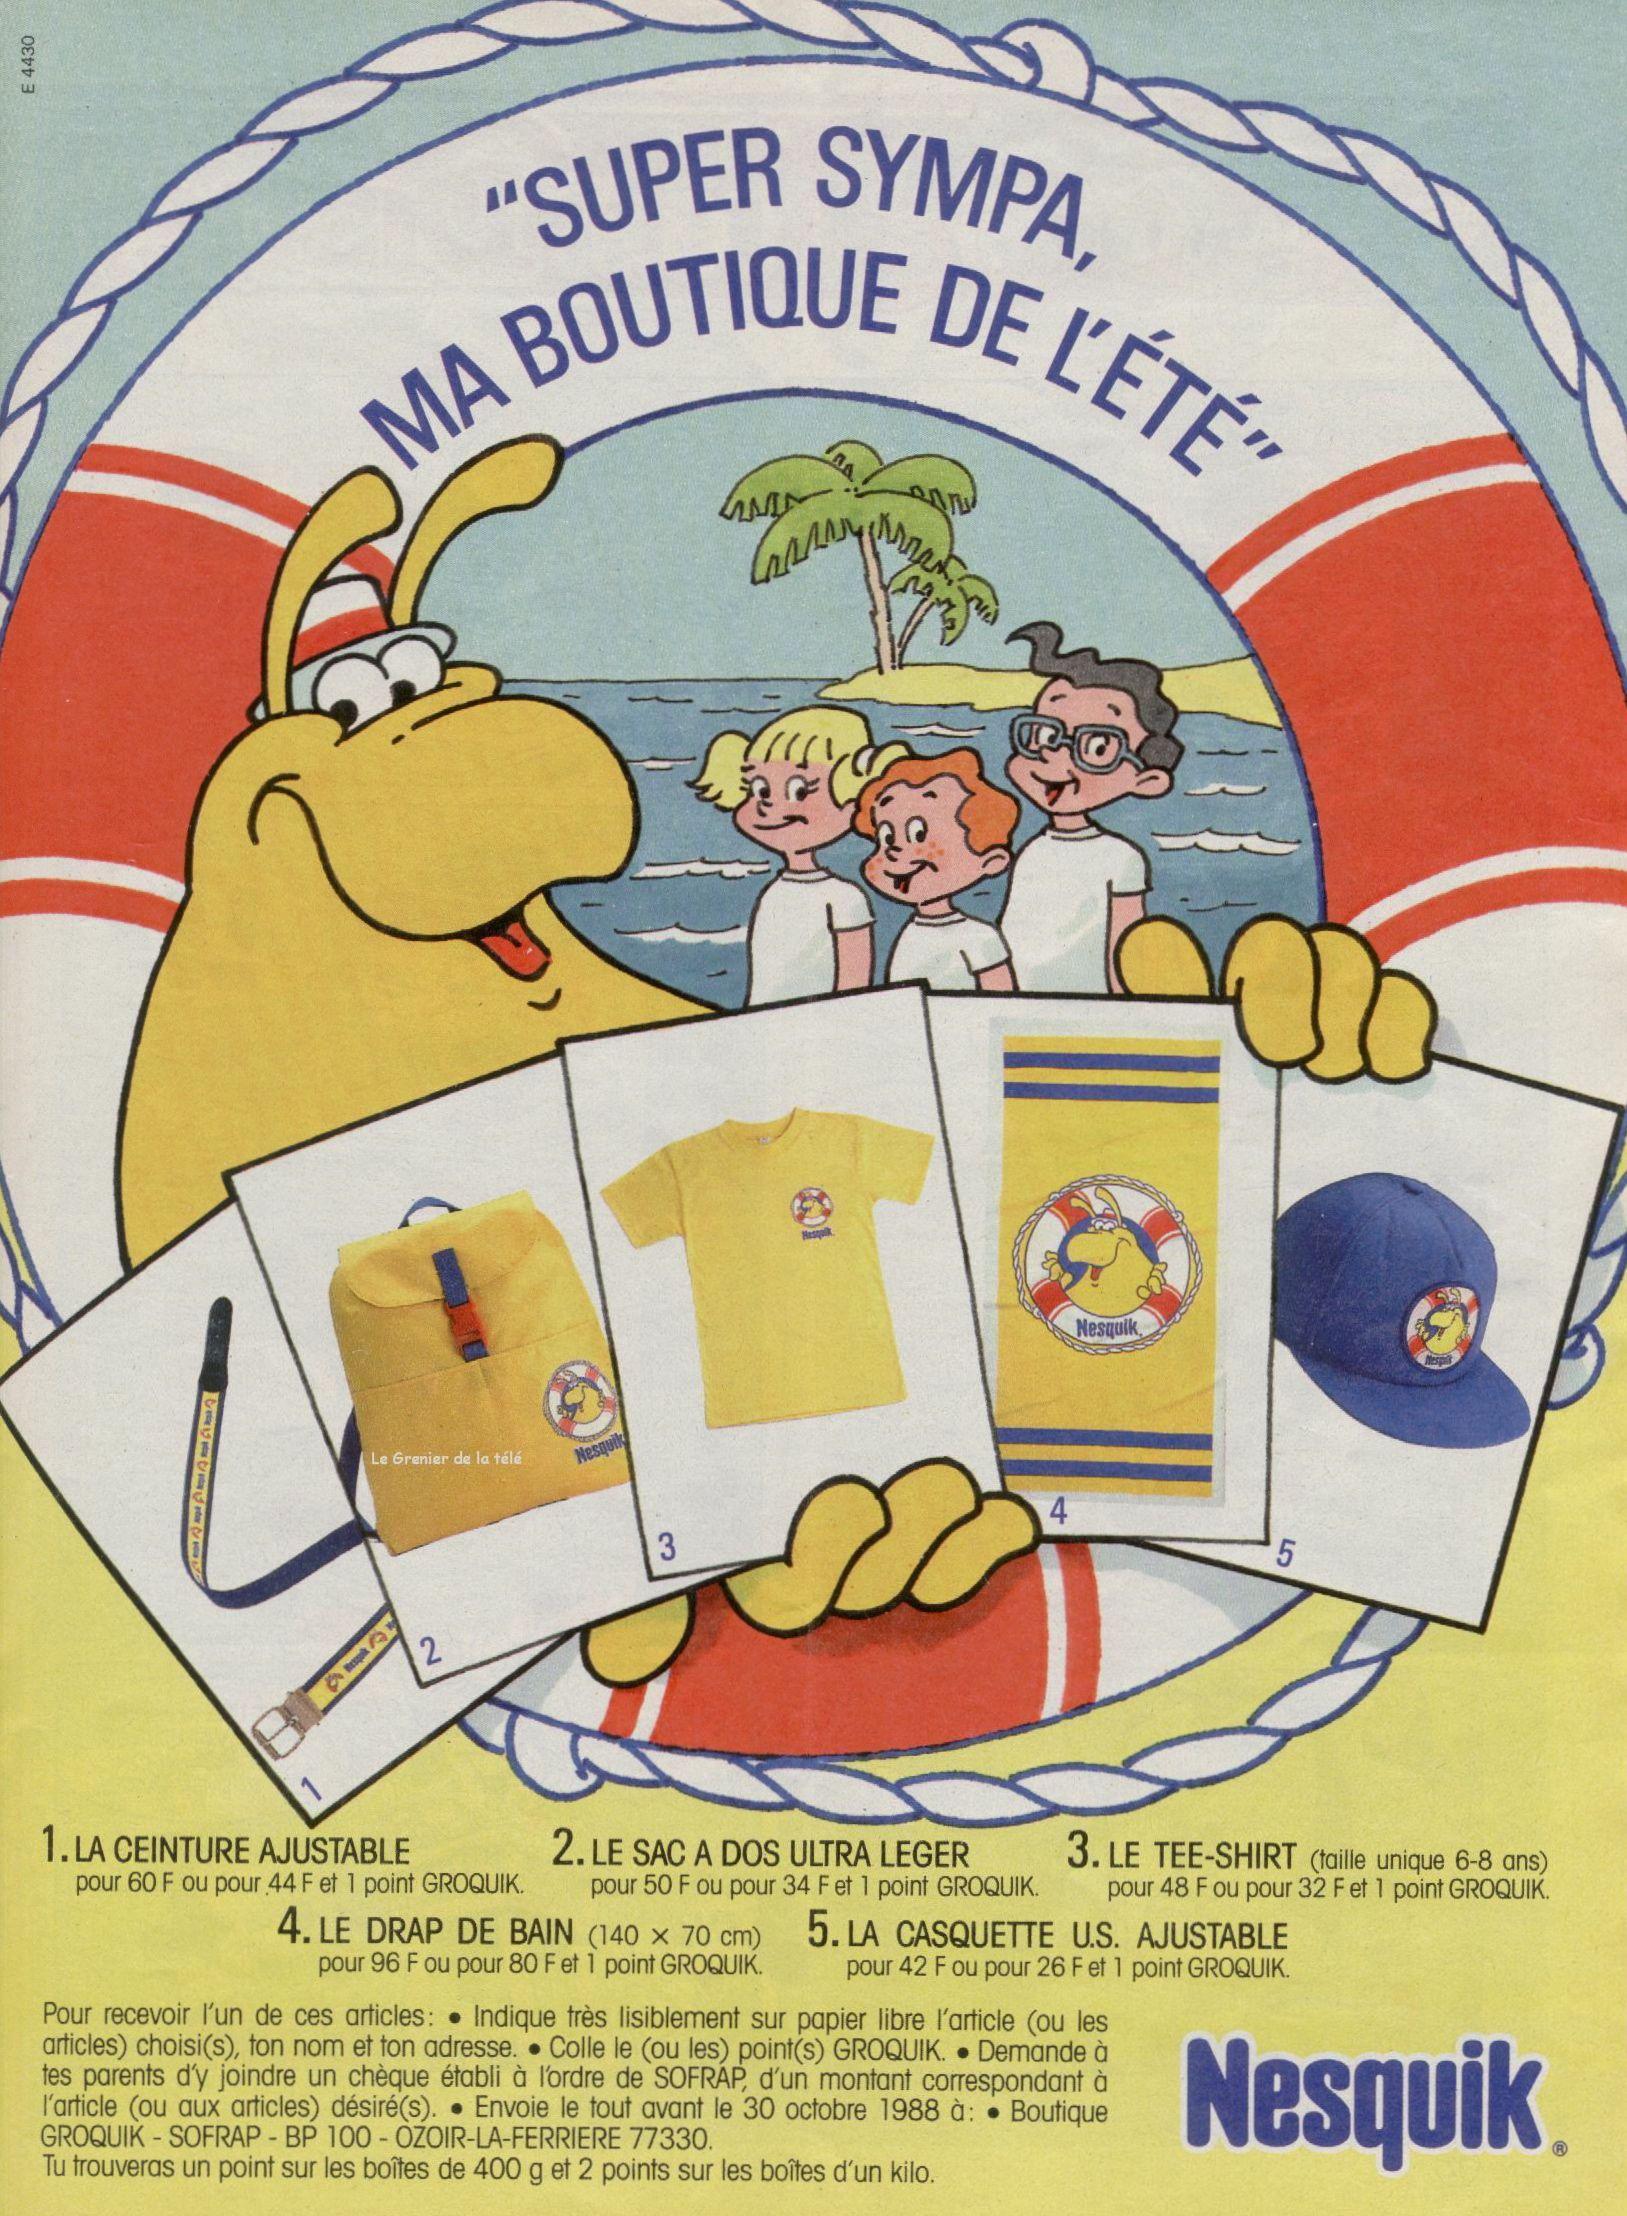 http://grenierdelatv.free.fr/2/groquikdonaldmag25juin1988.jpg